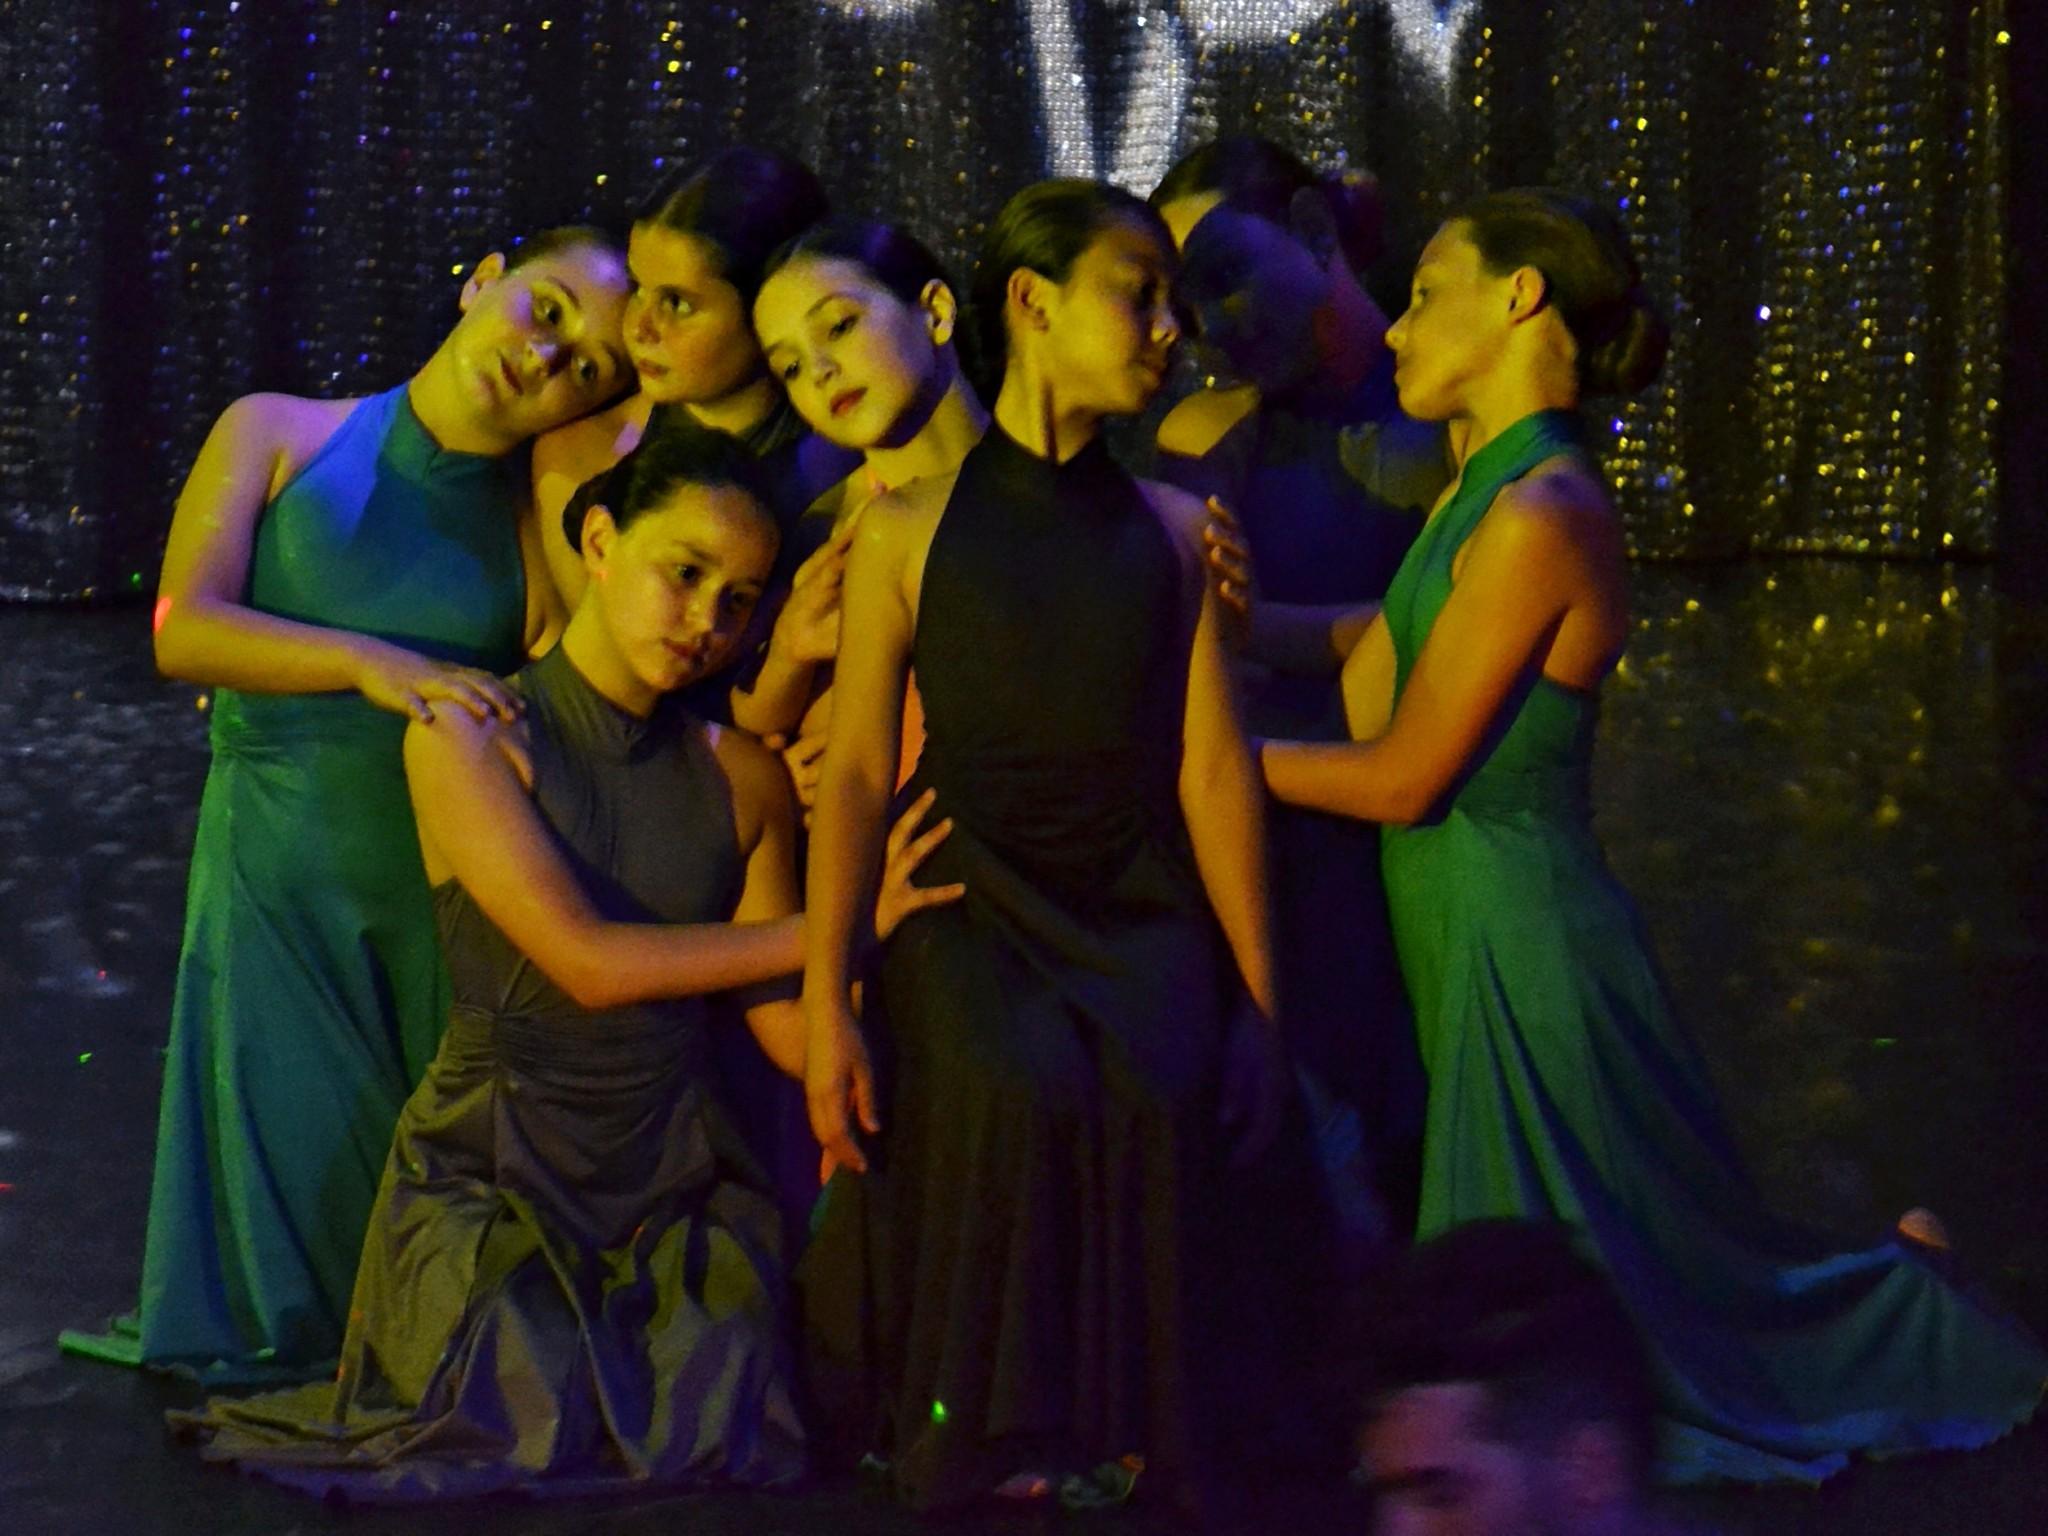 Linea-de-Baile-festival-verano-2015-clases-de-baile-valencia-63